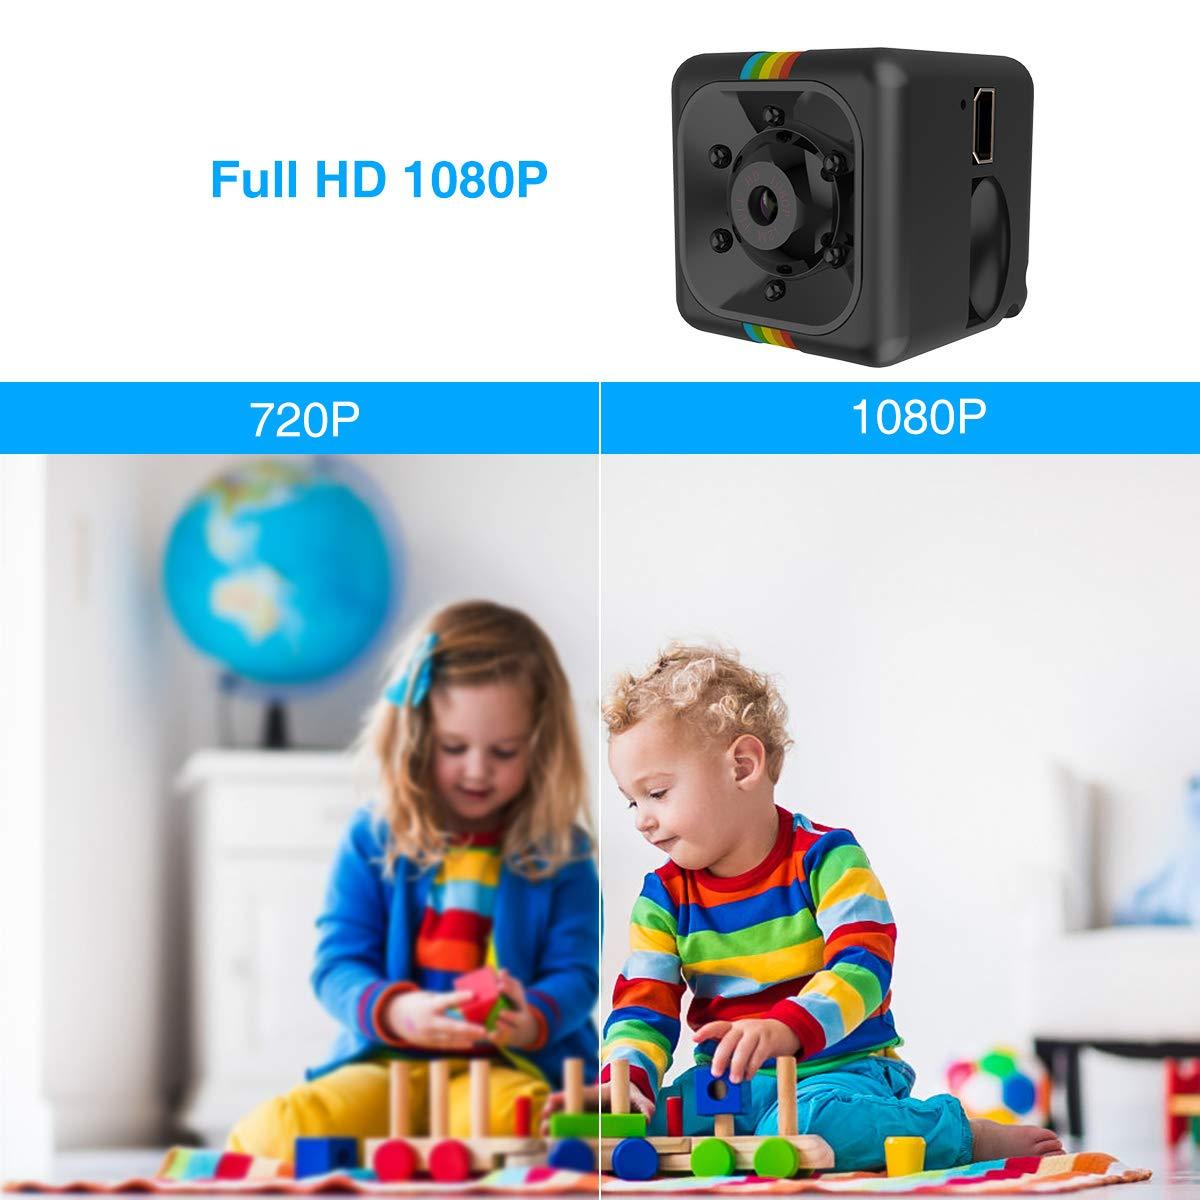 pour Int/érieure et Ext/érieure Mini Cam/éra Espion Magnetic avec Vision Nocturne Infrarouge // D/étection de Mouvement FLYLINKTECH Cam/éra Cach/ée Surveillance Portable 1080P Micro SD 32Go Inclus